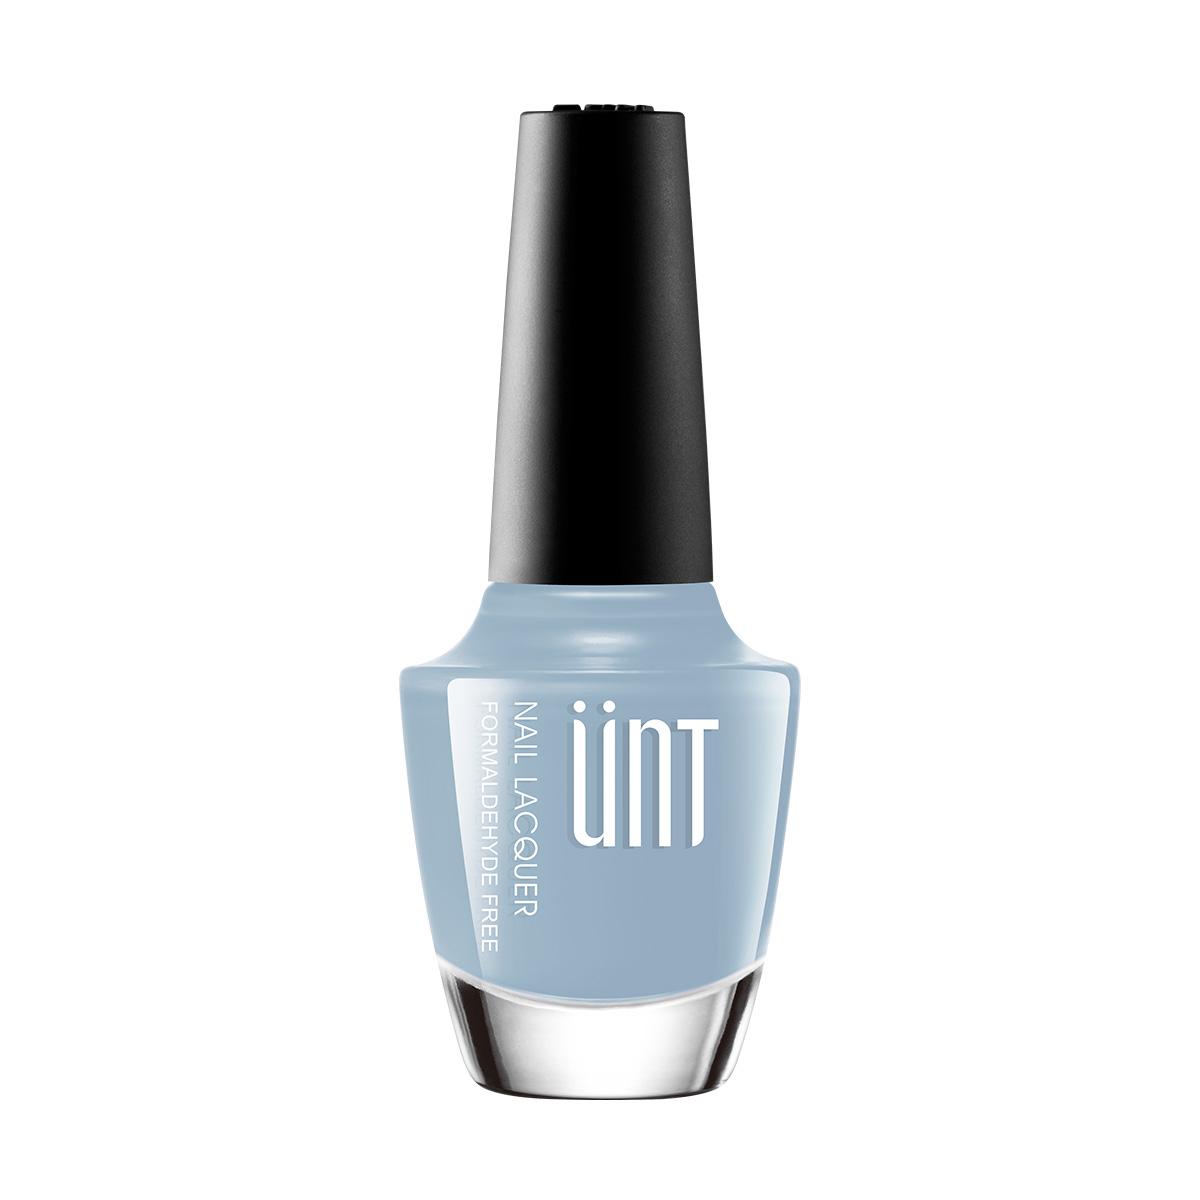 玩美持色指甲油-LJ140 灰藍毛呢大衣